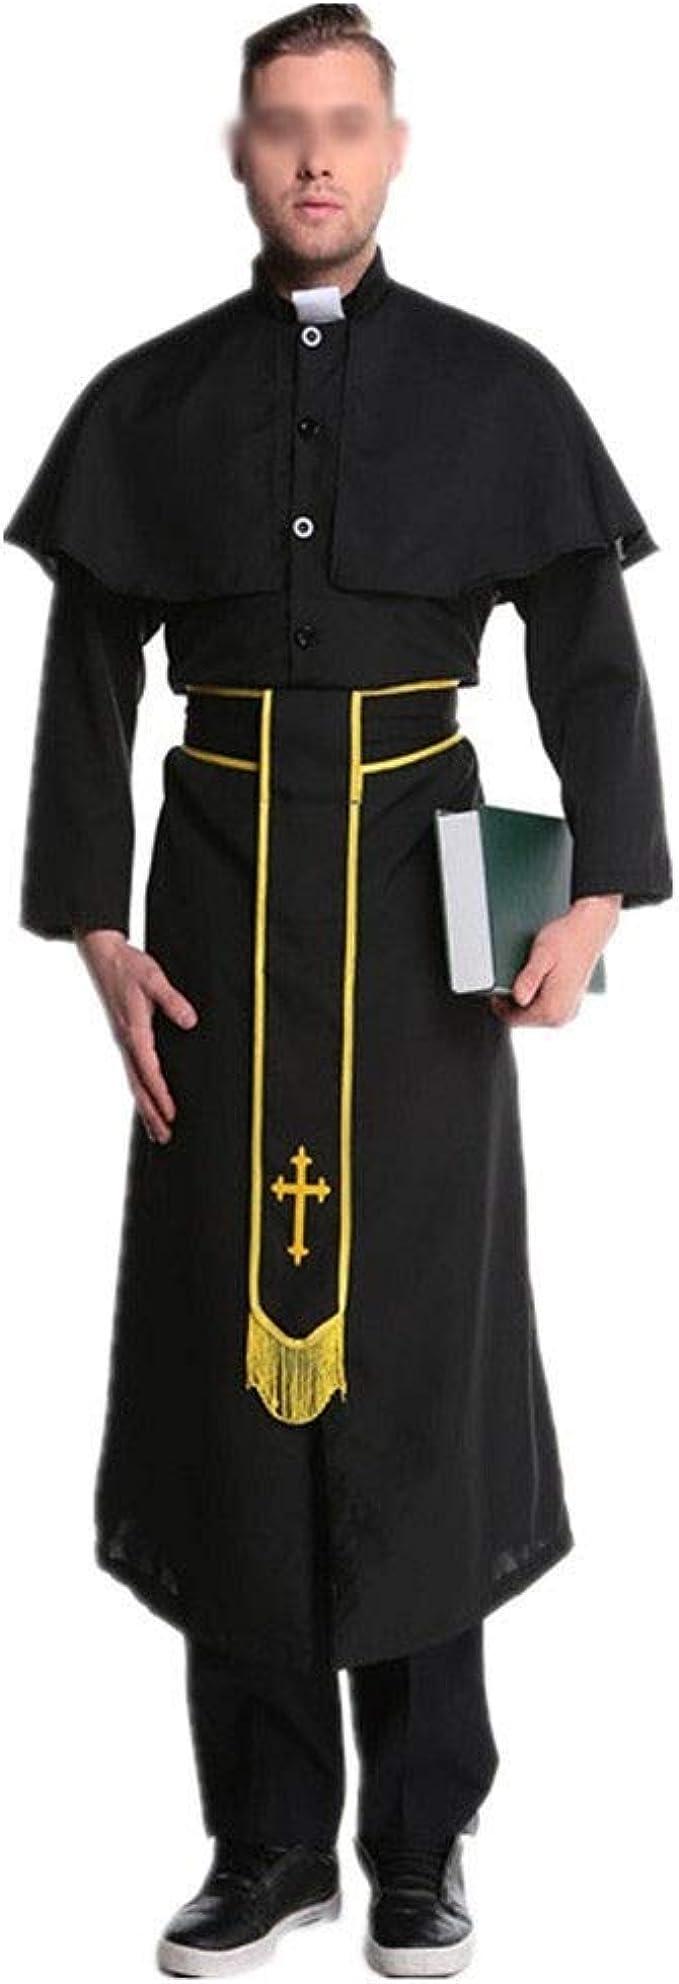 HNNH Halloween role play costume Juegos de rol invariable, el ...